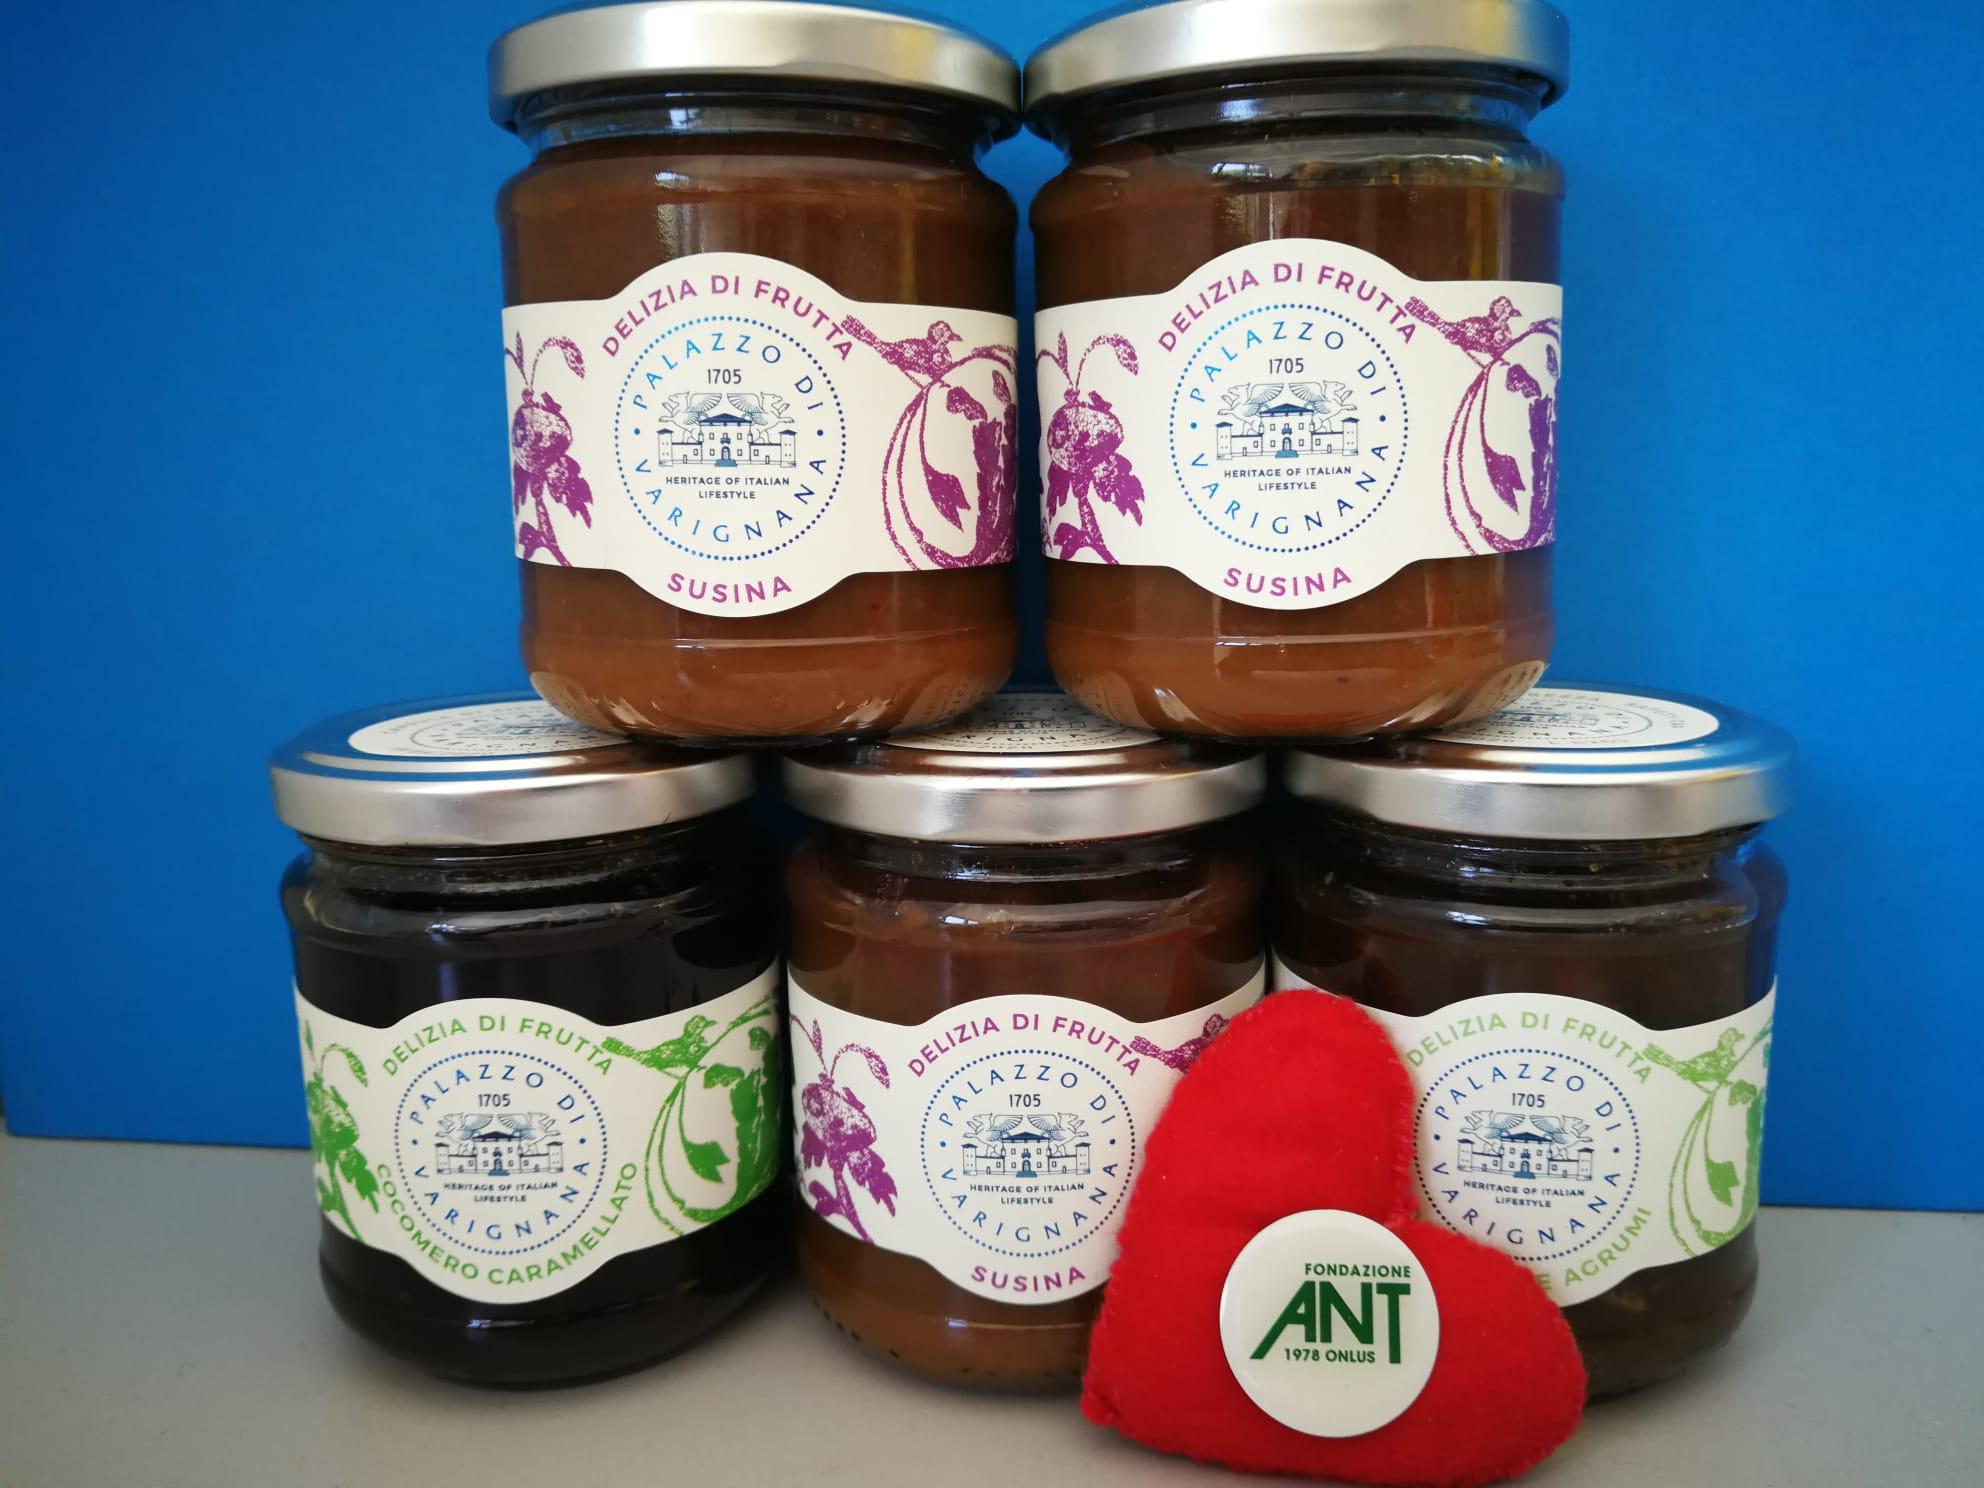 <B style='color:red'>SOLO BOLOGNA E PROVINCIA</B> - Confetture di frutta ESCLUSIVE Palazzo di Varignana - 5 vasetti 200 gr. cad. gusti assortiti - Cocomero caramellato, Susina, Cocomero agrumi -